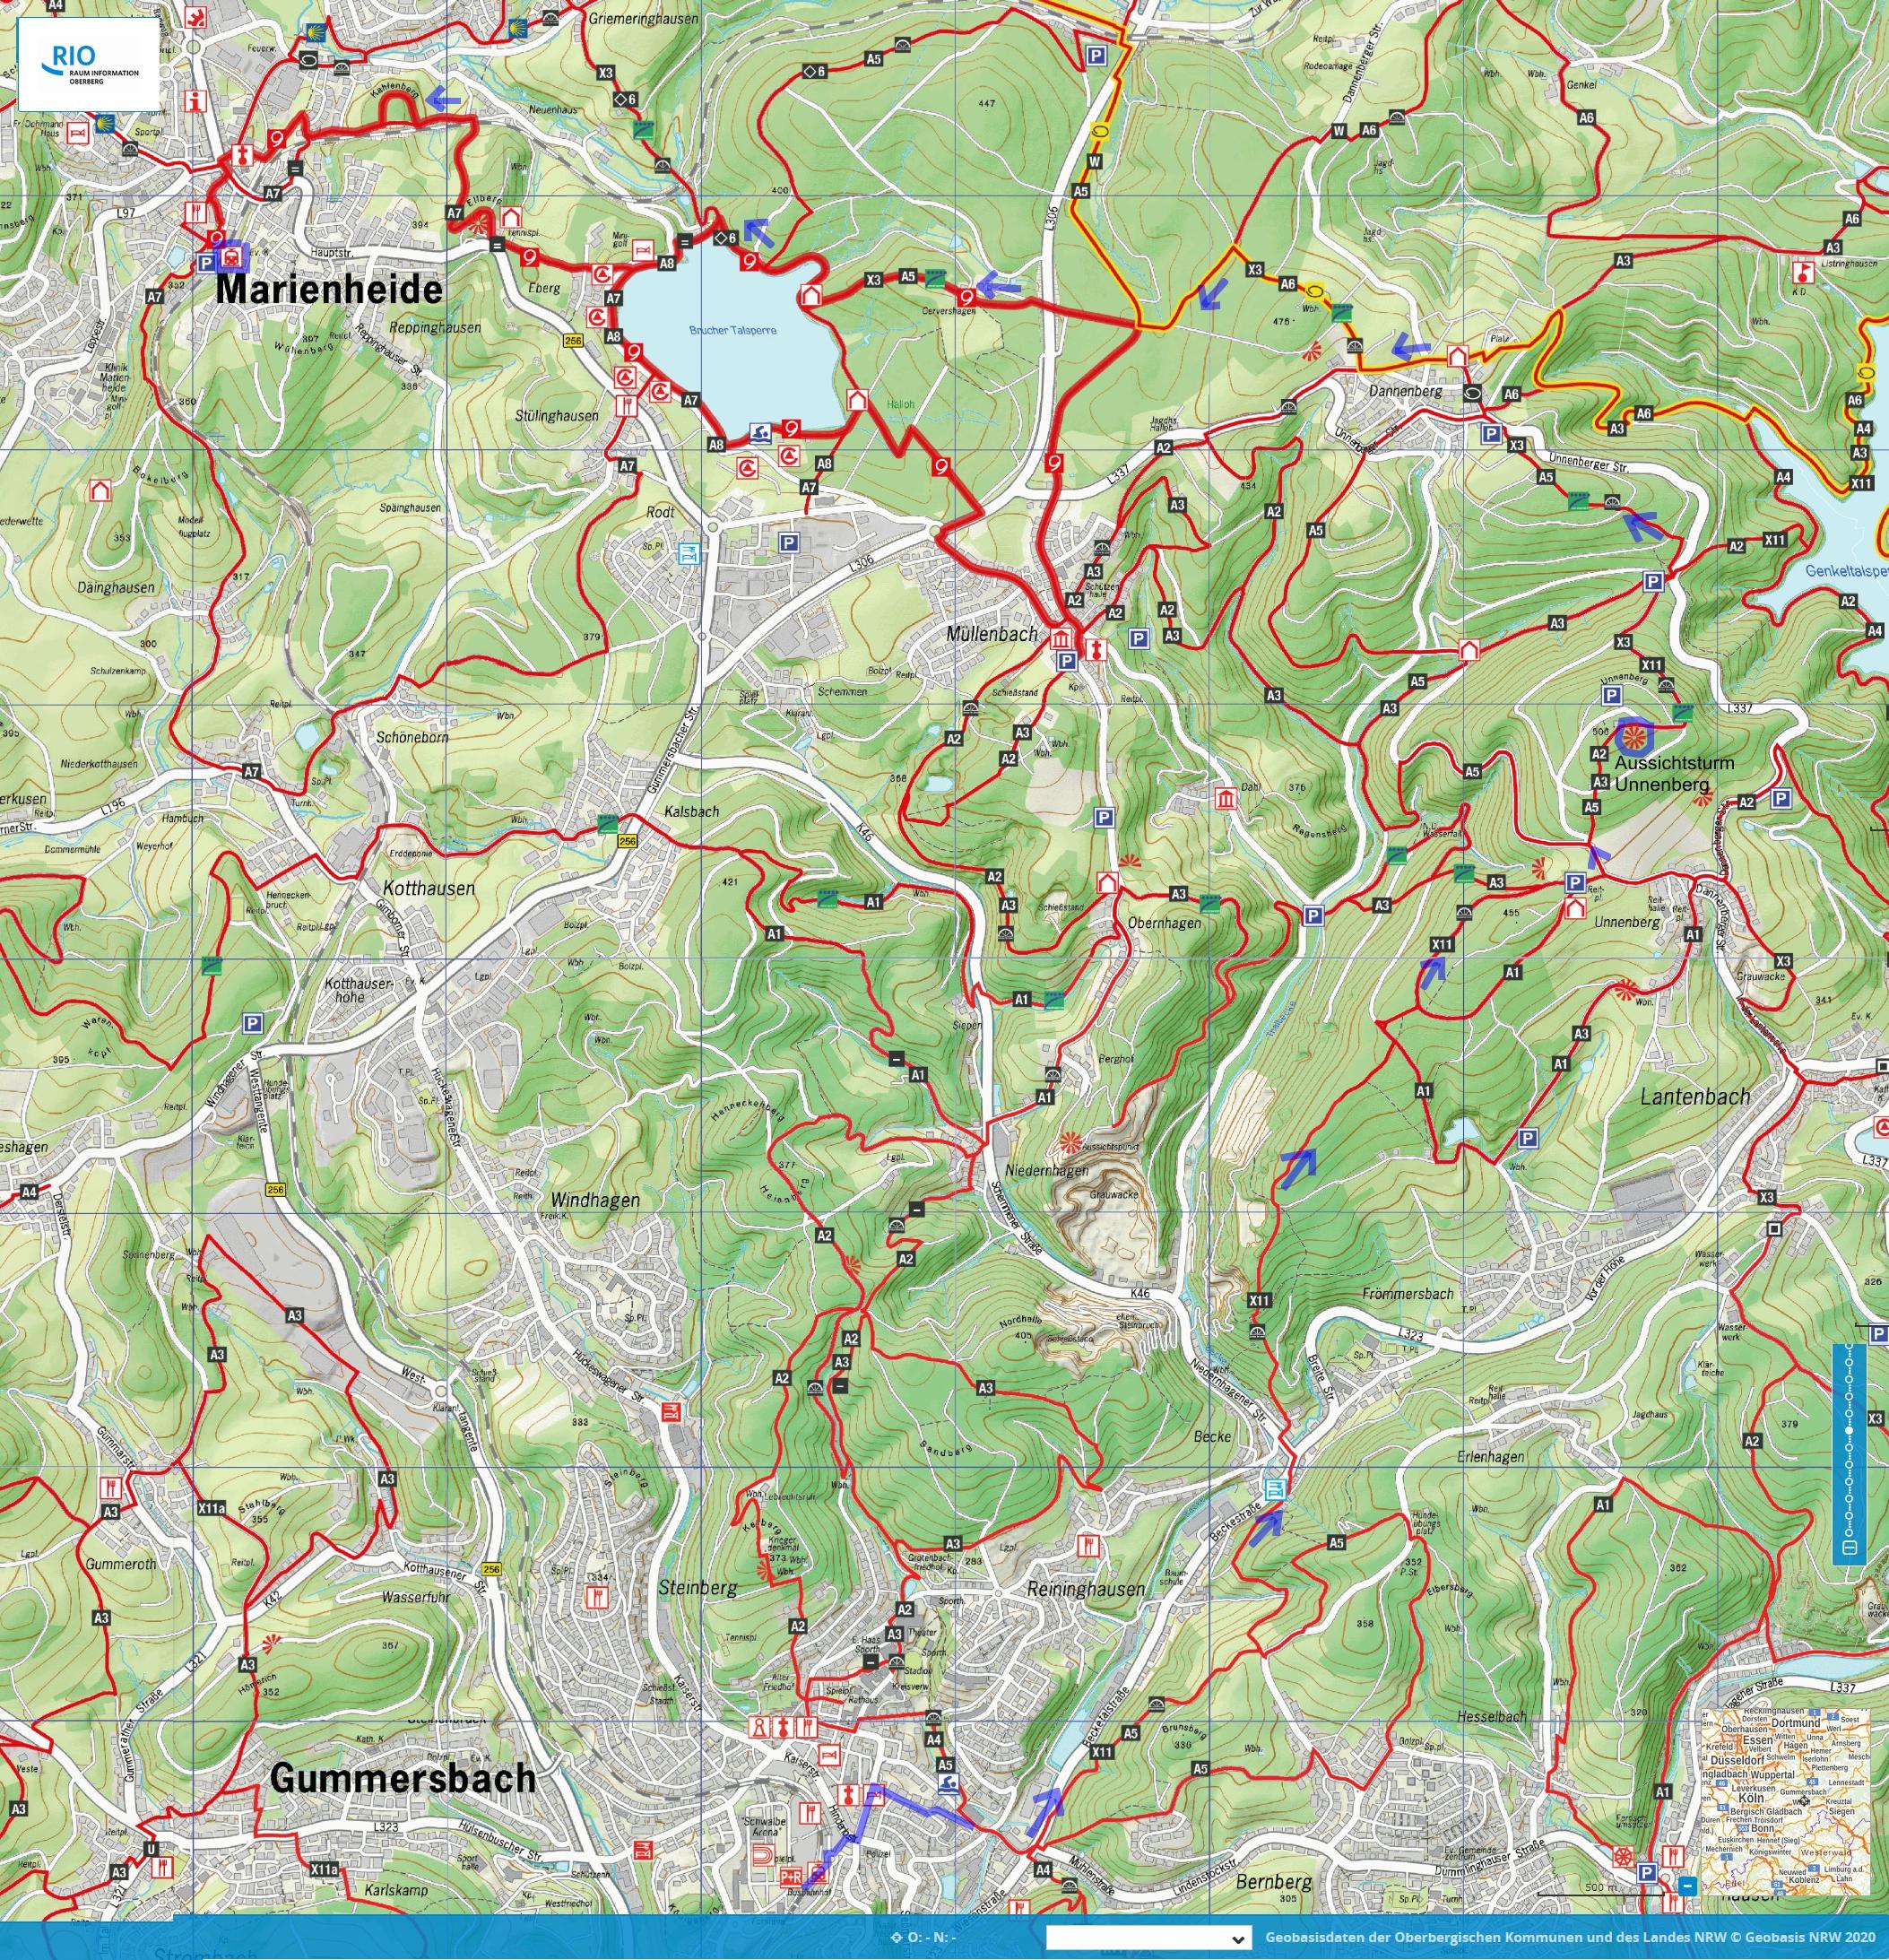 Streckenwanderung Gummersbach-Marienheide